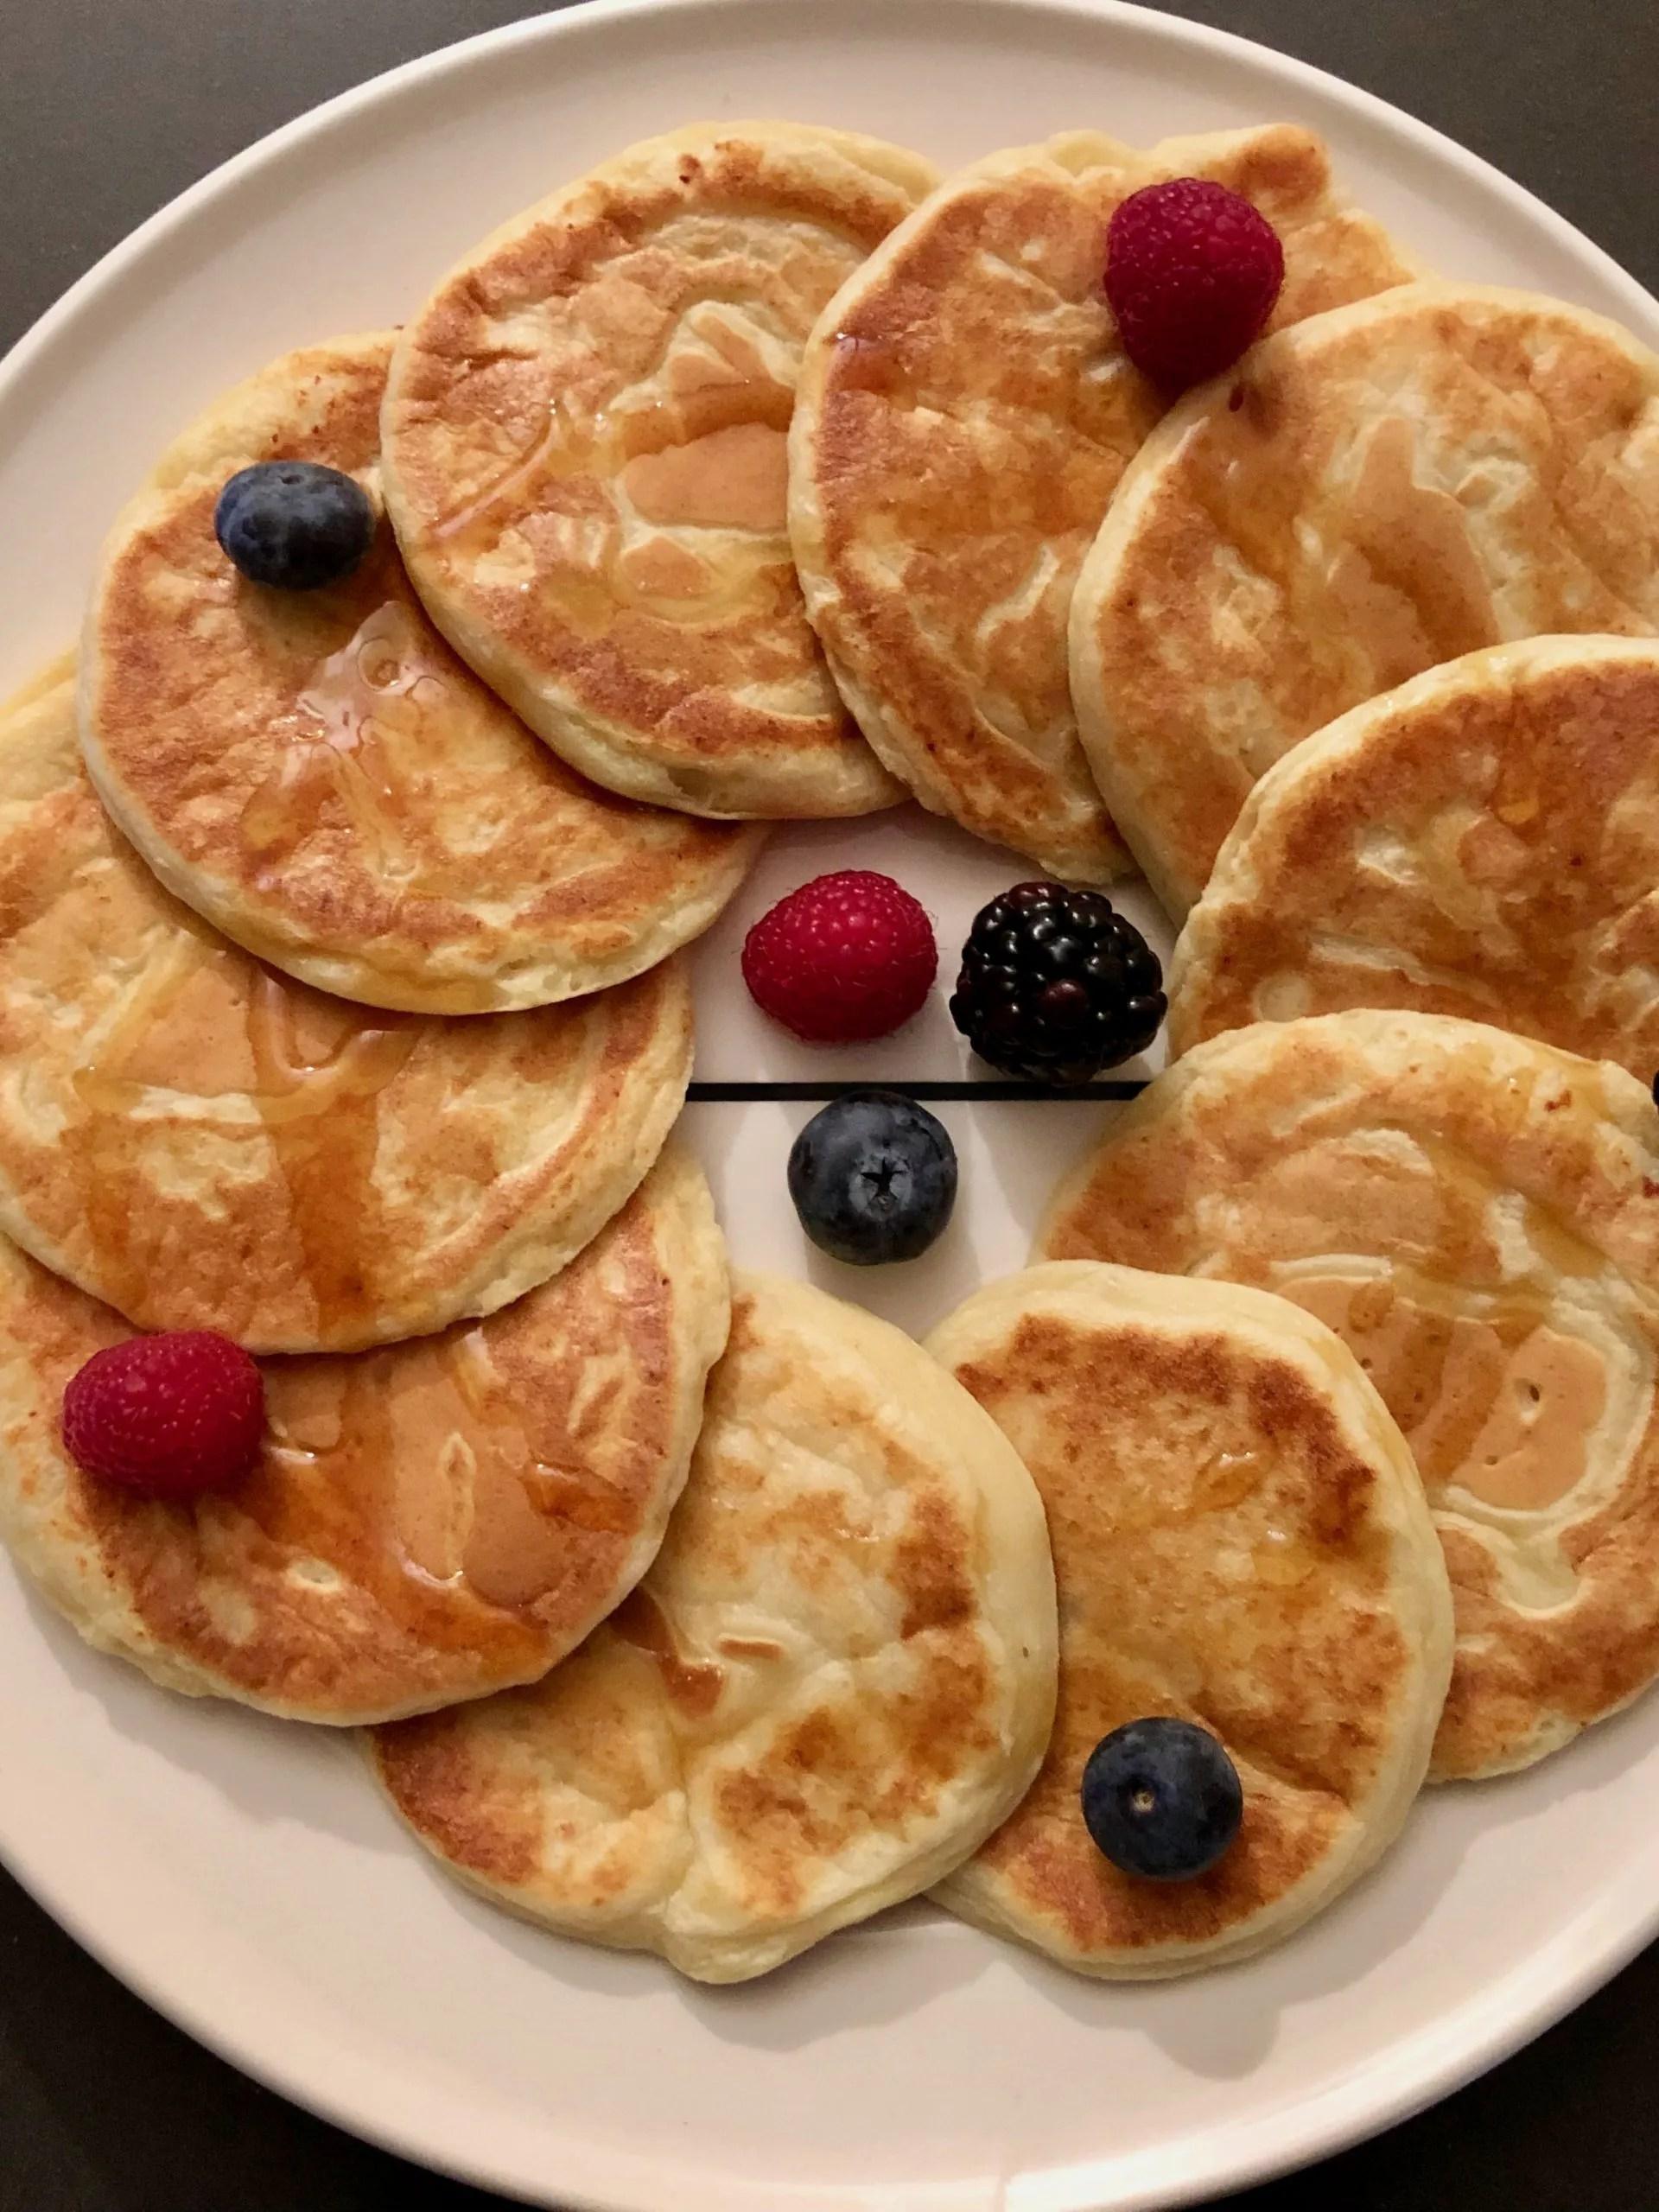 Amerikaanse ricotta-citroen pannenkoeken met botermelk